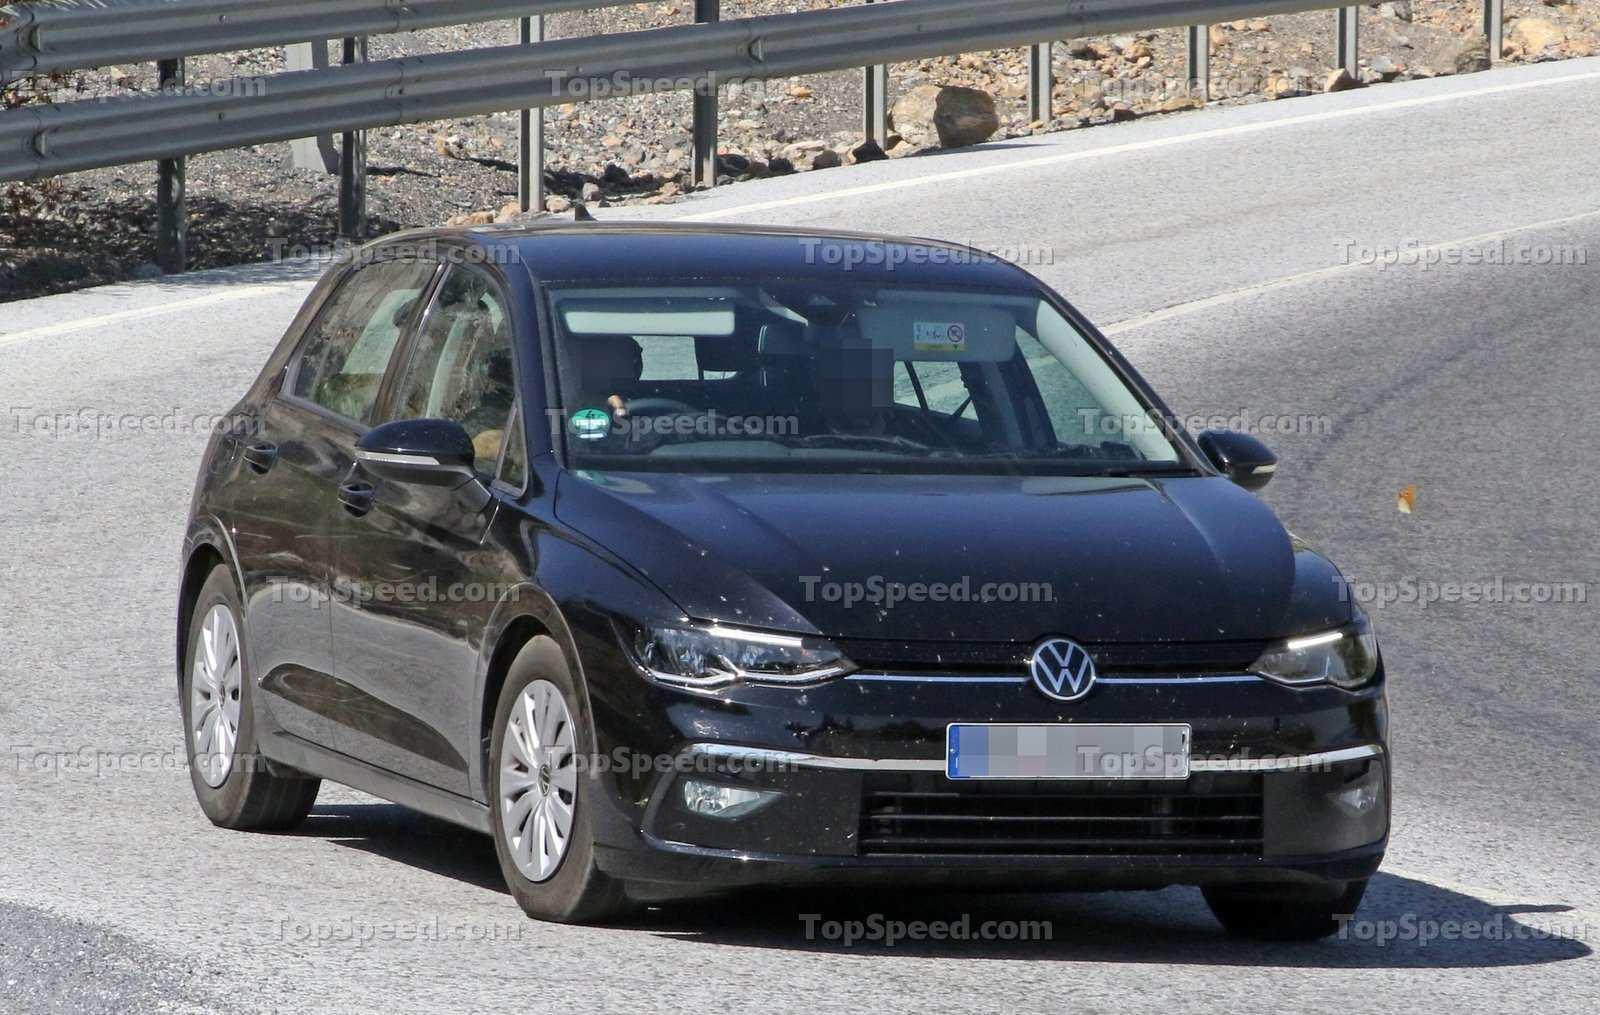 59 New Buy Now Pay In 2020 Volkswagen Model by Buy Now Pay In 2020 Volkswagen